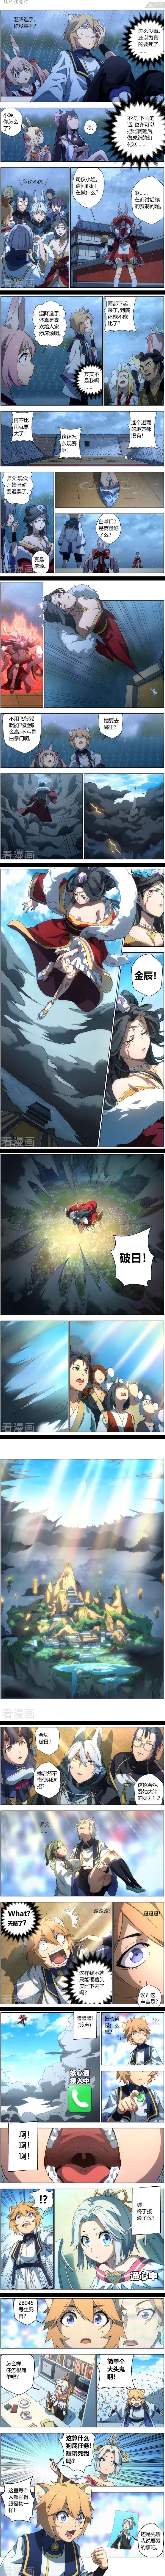 【漫画更新】无主之灵~